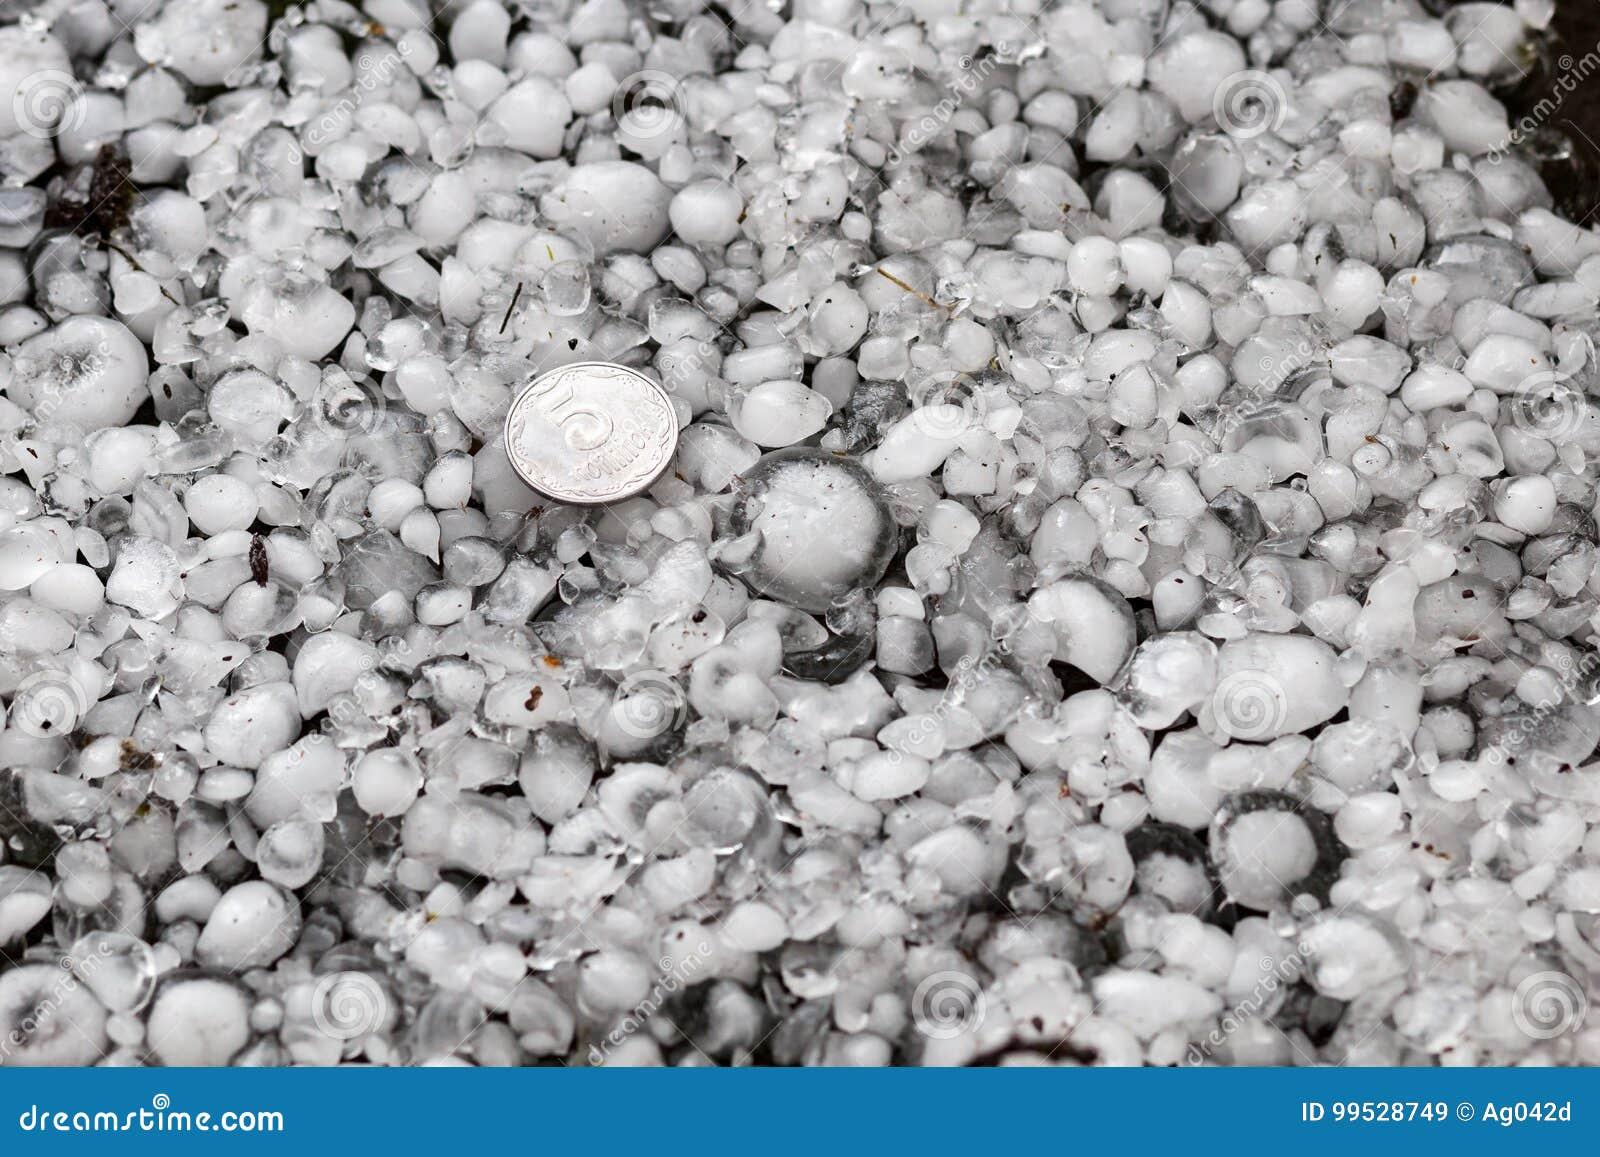 Hagel die met een groter muntstuk, hagelstenen ter plaatse na hagelbui, hagel wordt gerangschikt van grote grootte